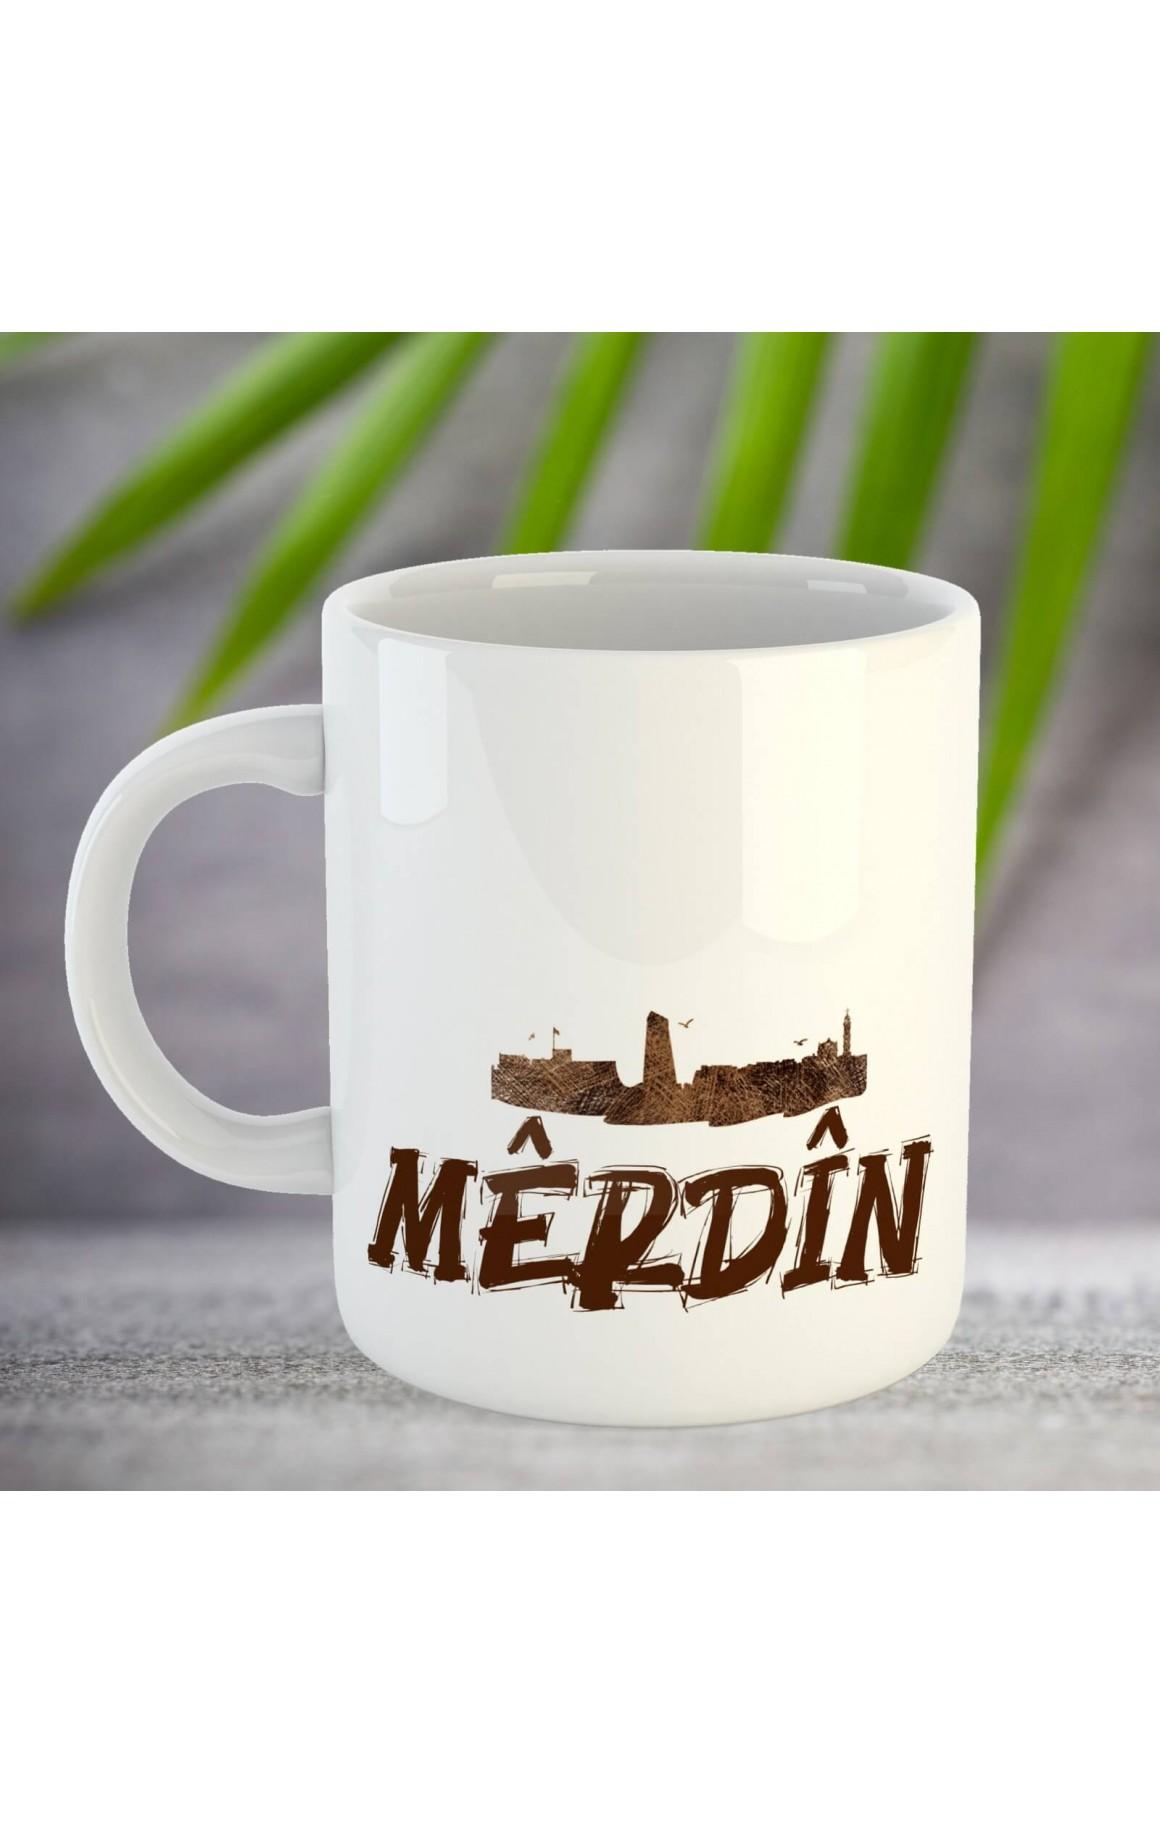 Şehir Porselen Kupa - Mêrdîn